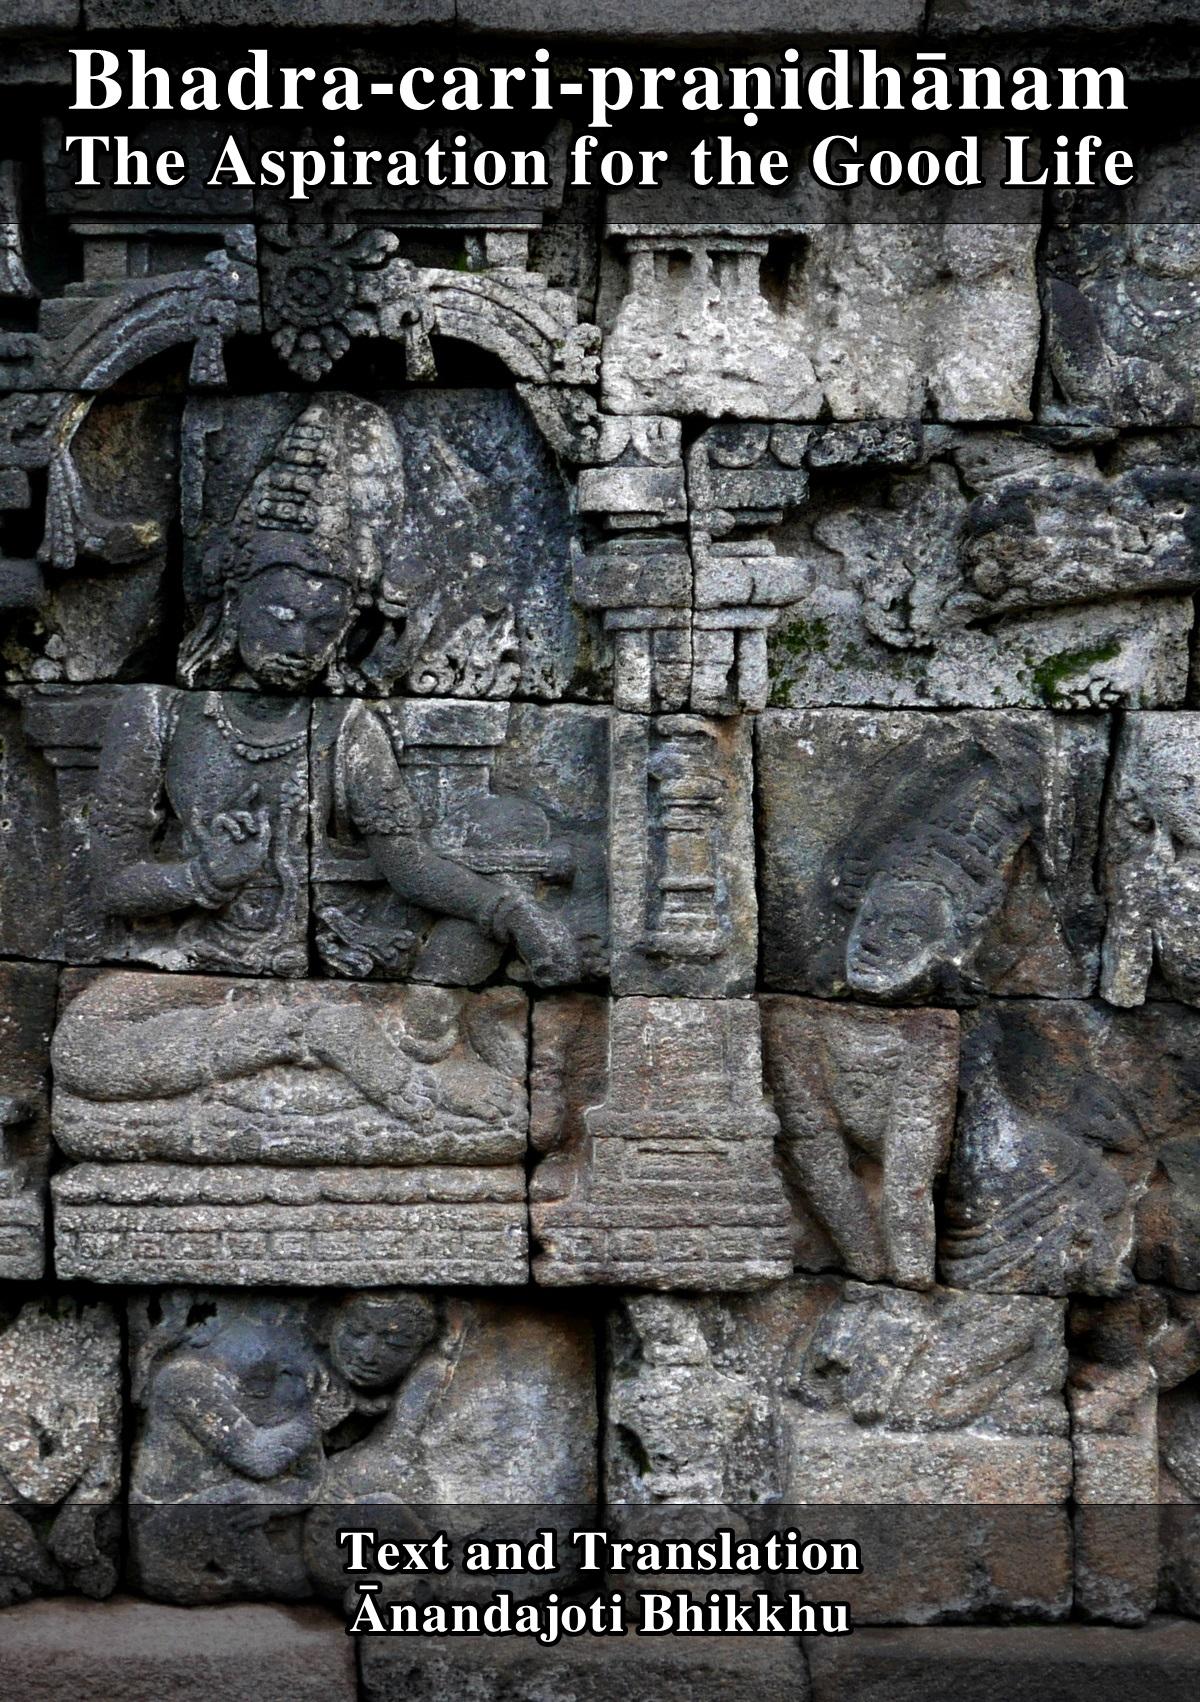 Bhadra-cari-praṇidhānam